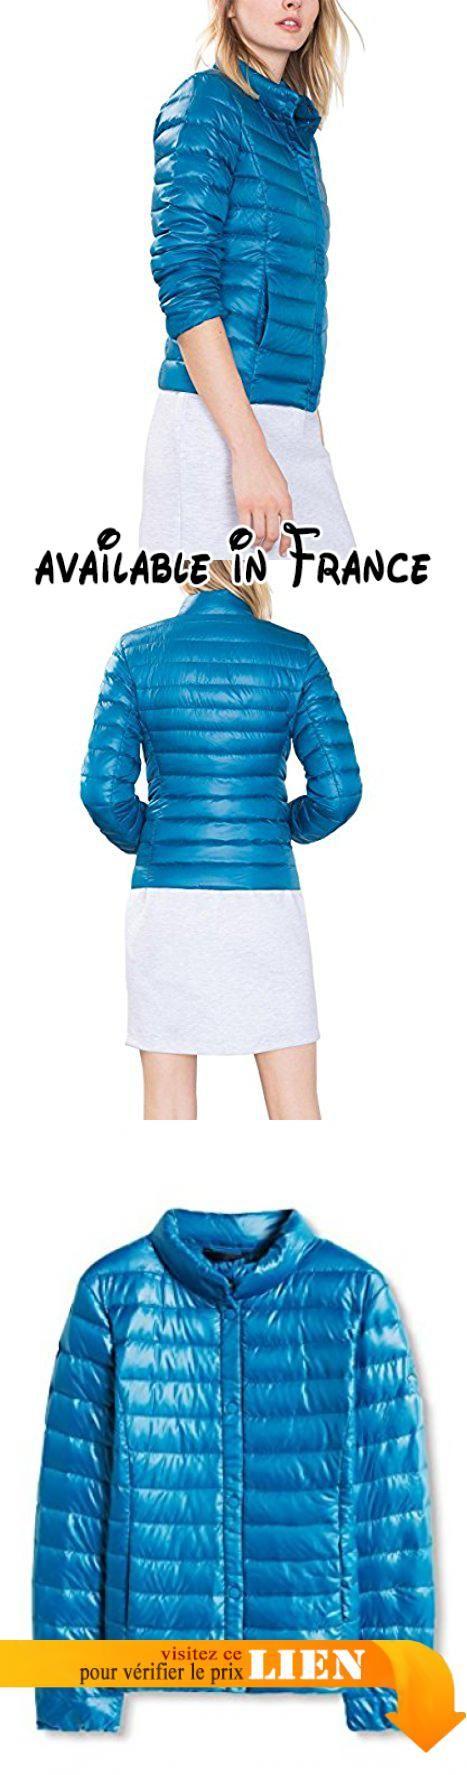 edc by ESPRIT mit Echtdaune, Blouson Femme, Bleu (PETROL BLUE), 36 (Taille fabricant: Small). Légère doudoune edc en duvet véritable à col montant et fermeture pressionnée. Idéale pour la mi-saison, rembourrage: 90% duvet et 10% plumes #Apparel #OUTERWEAR